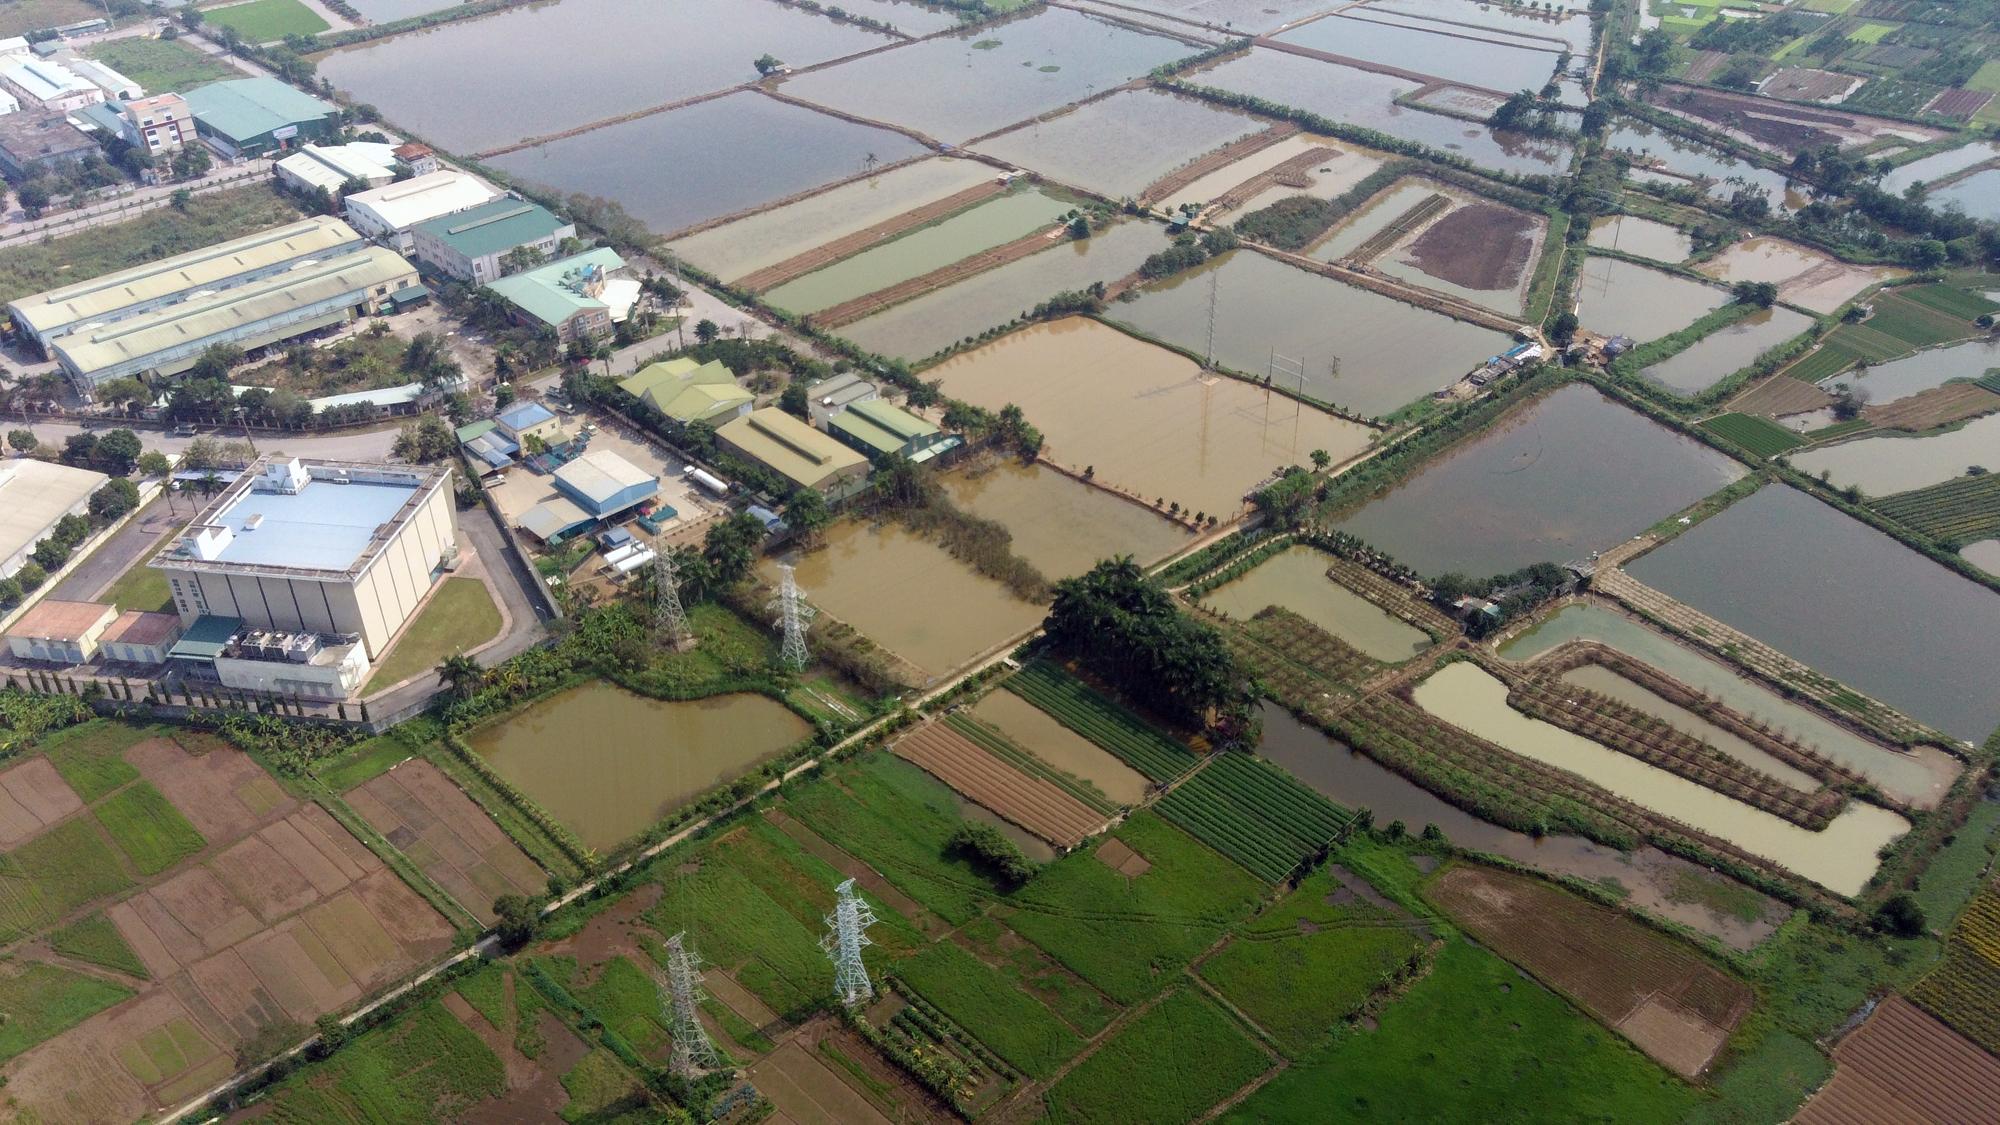 Kế hoạch sử dụng đất phường Liên Mạc, Bắc Từ Liêm, Hà Nội năm 2021 - Ảnh 1.